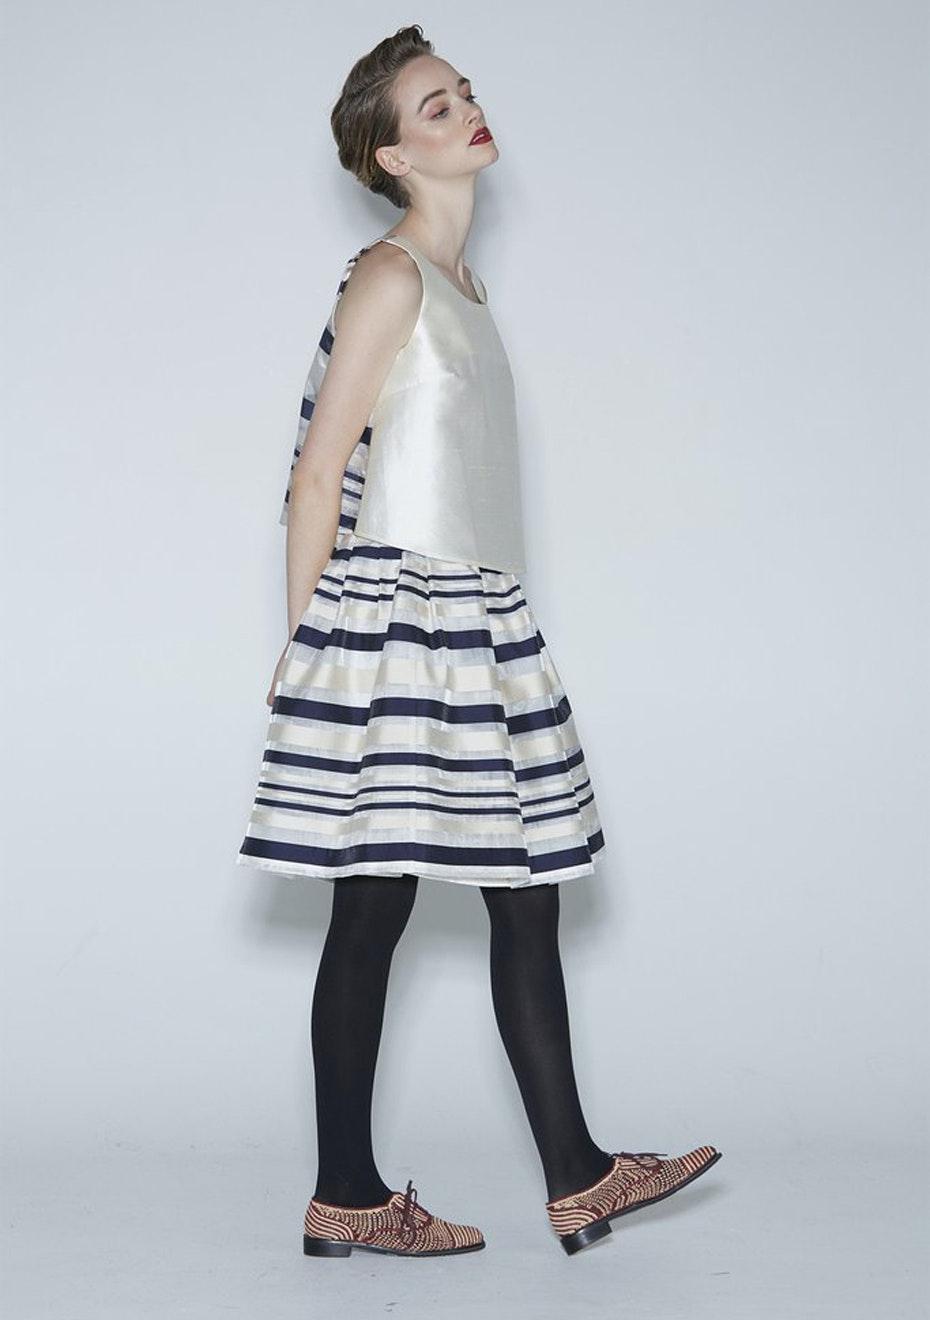 WORLD - Wilde Skirt - White/Navy Stripe